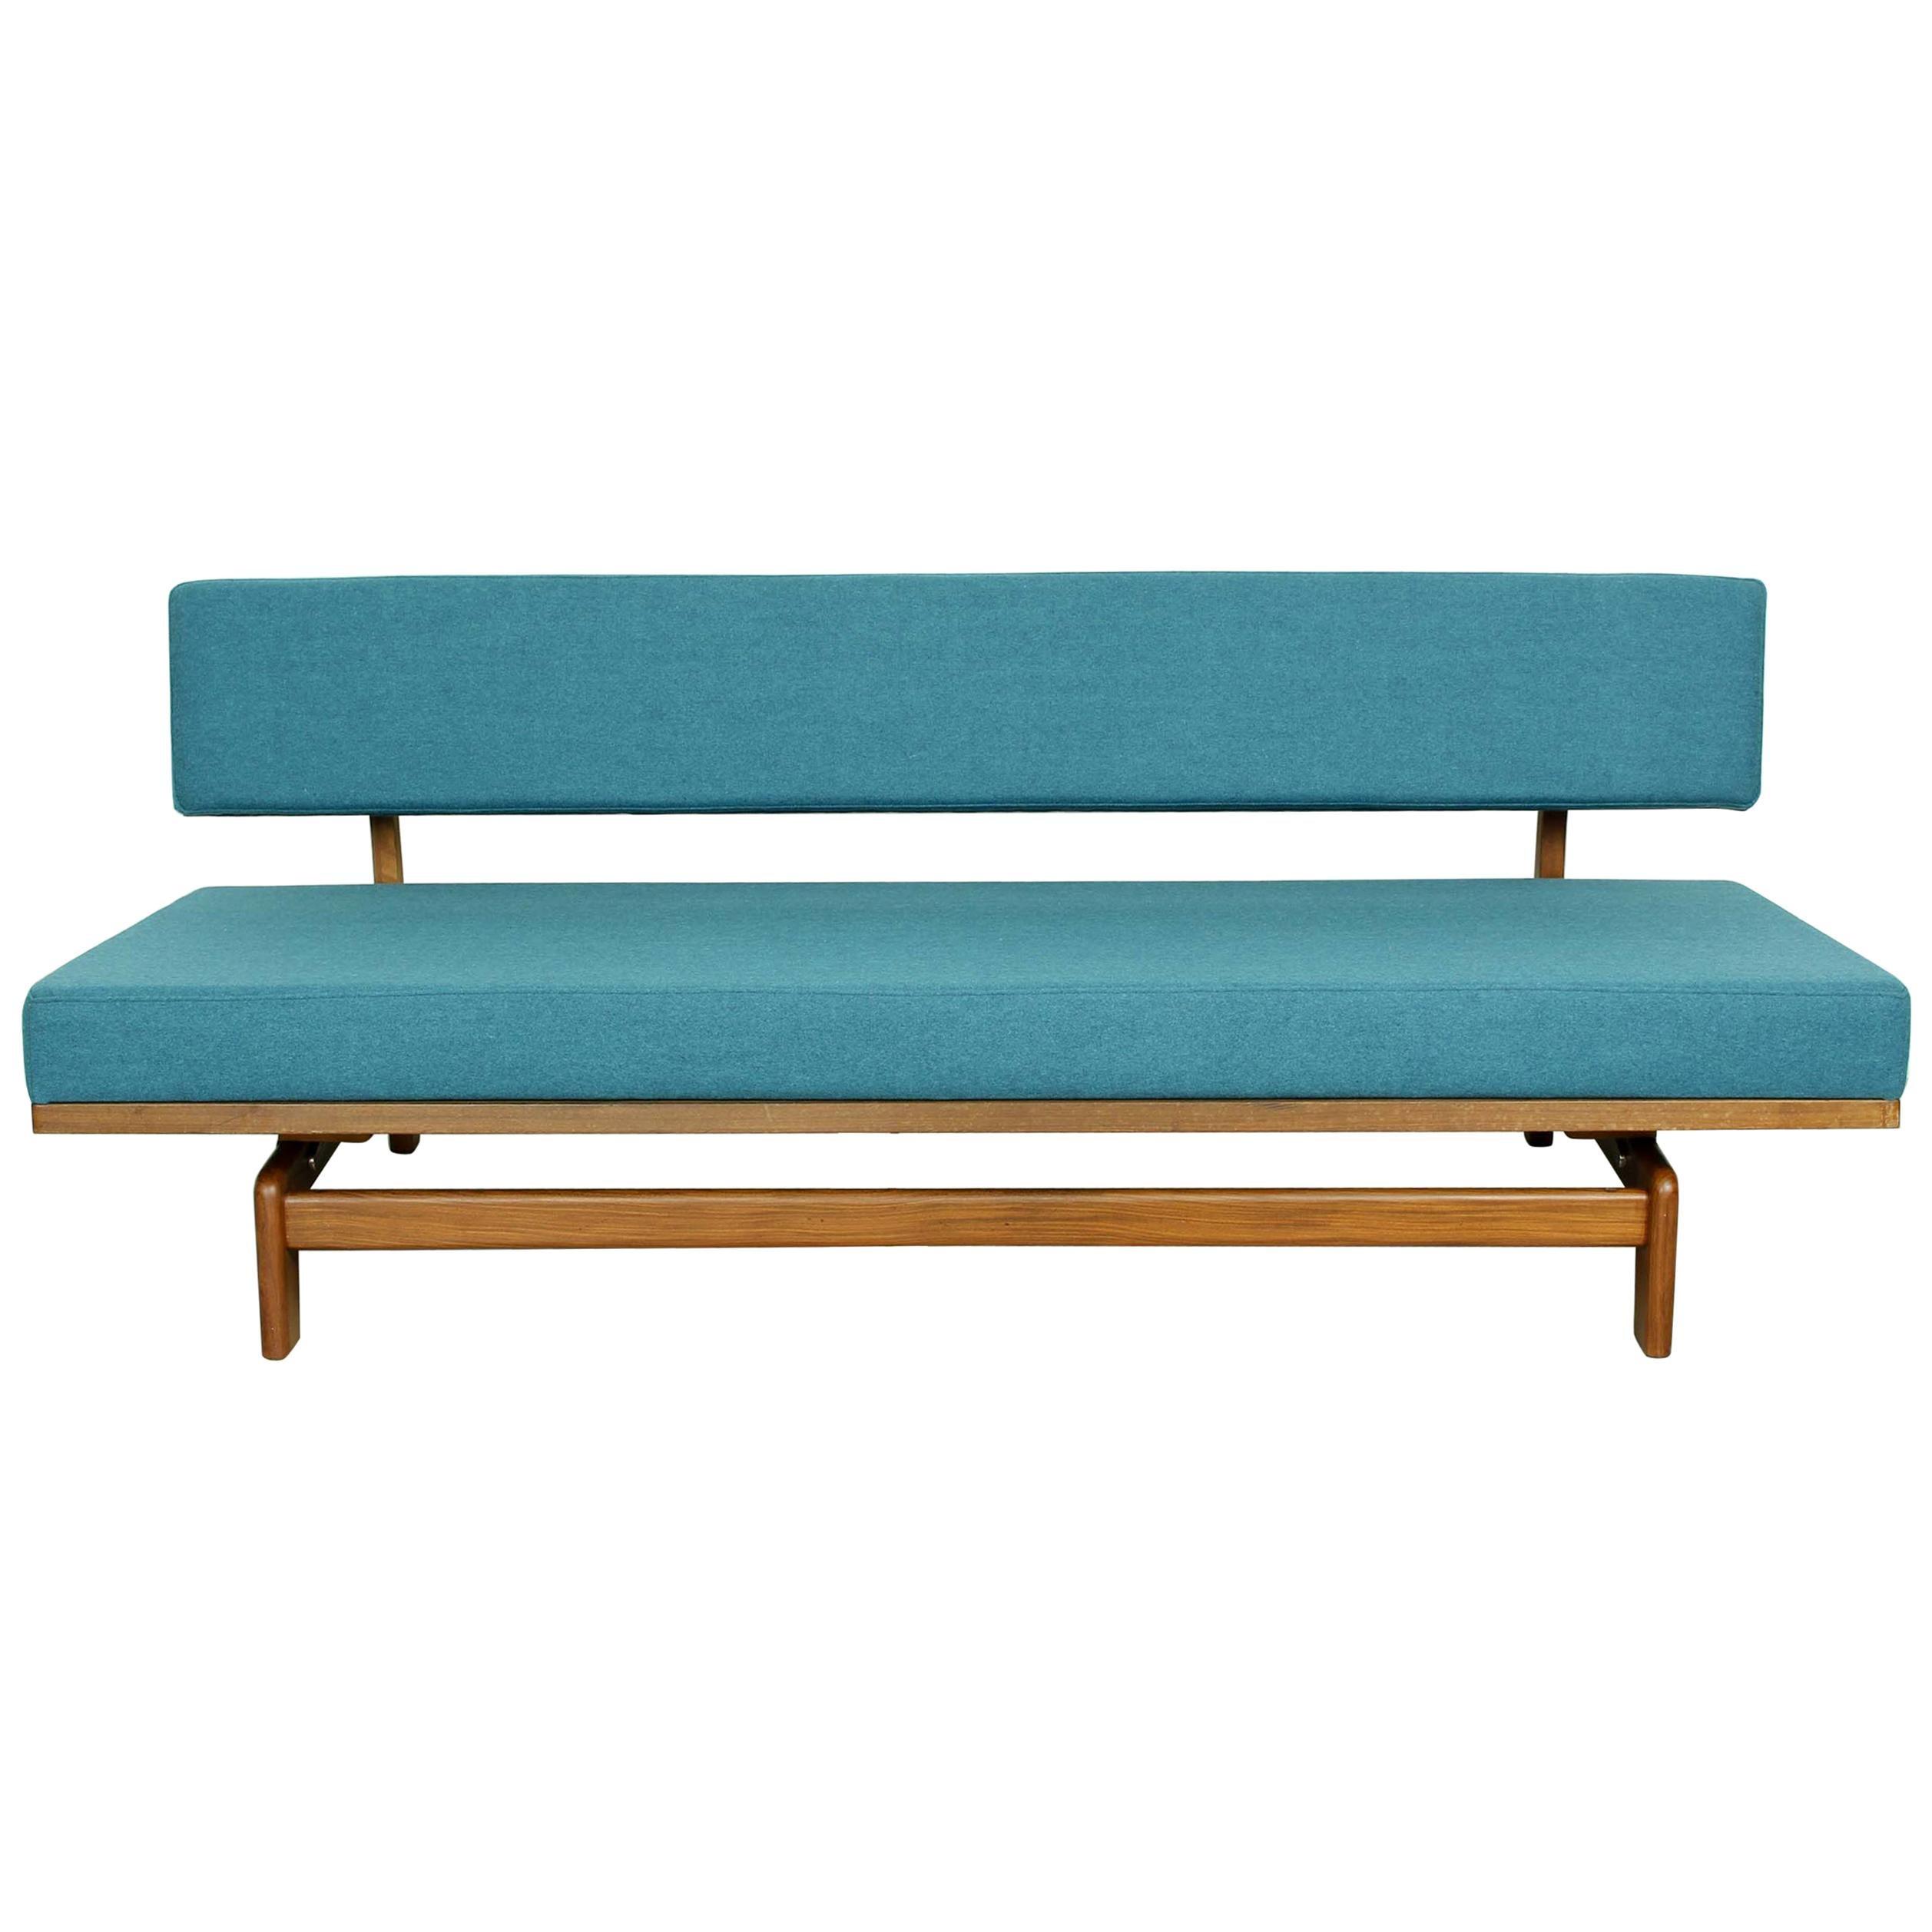 Modell 470 Teak Sofa by Hans Bellmann for Wilkhahn, 1960s